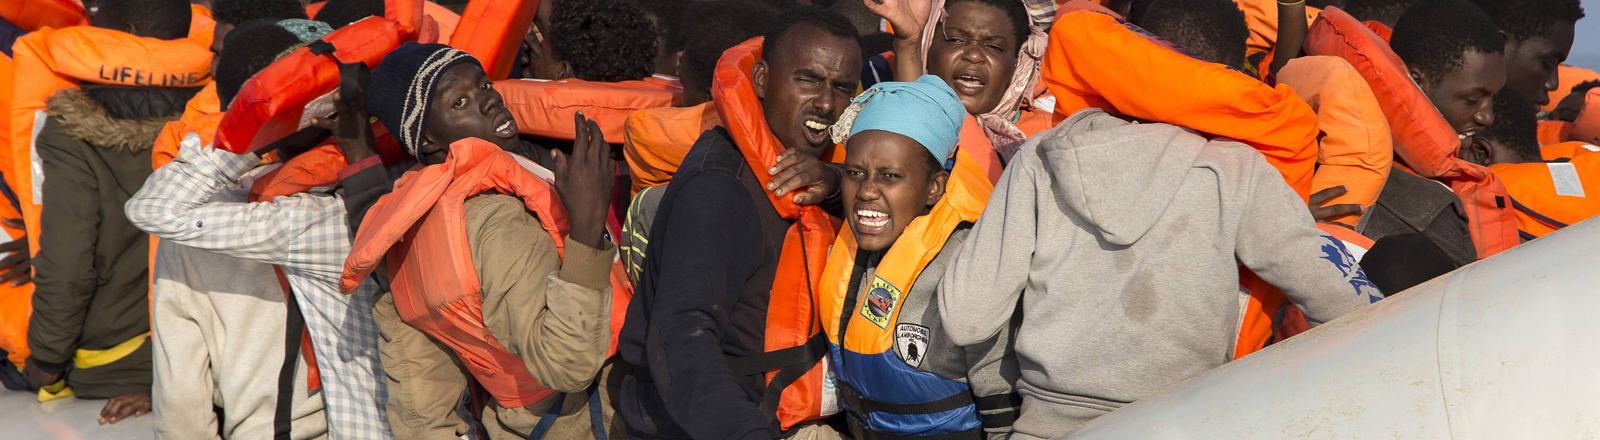 Menschen in einem sehr vollen Schlauchboot.